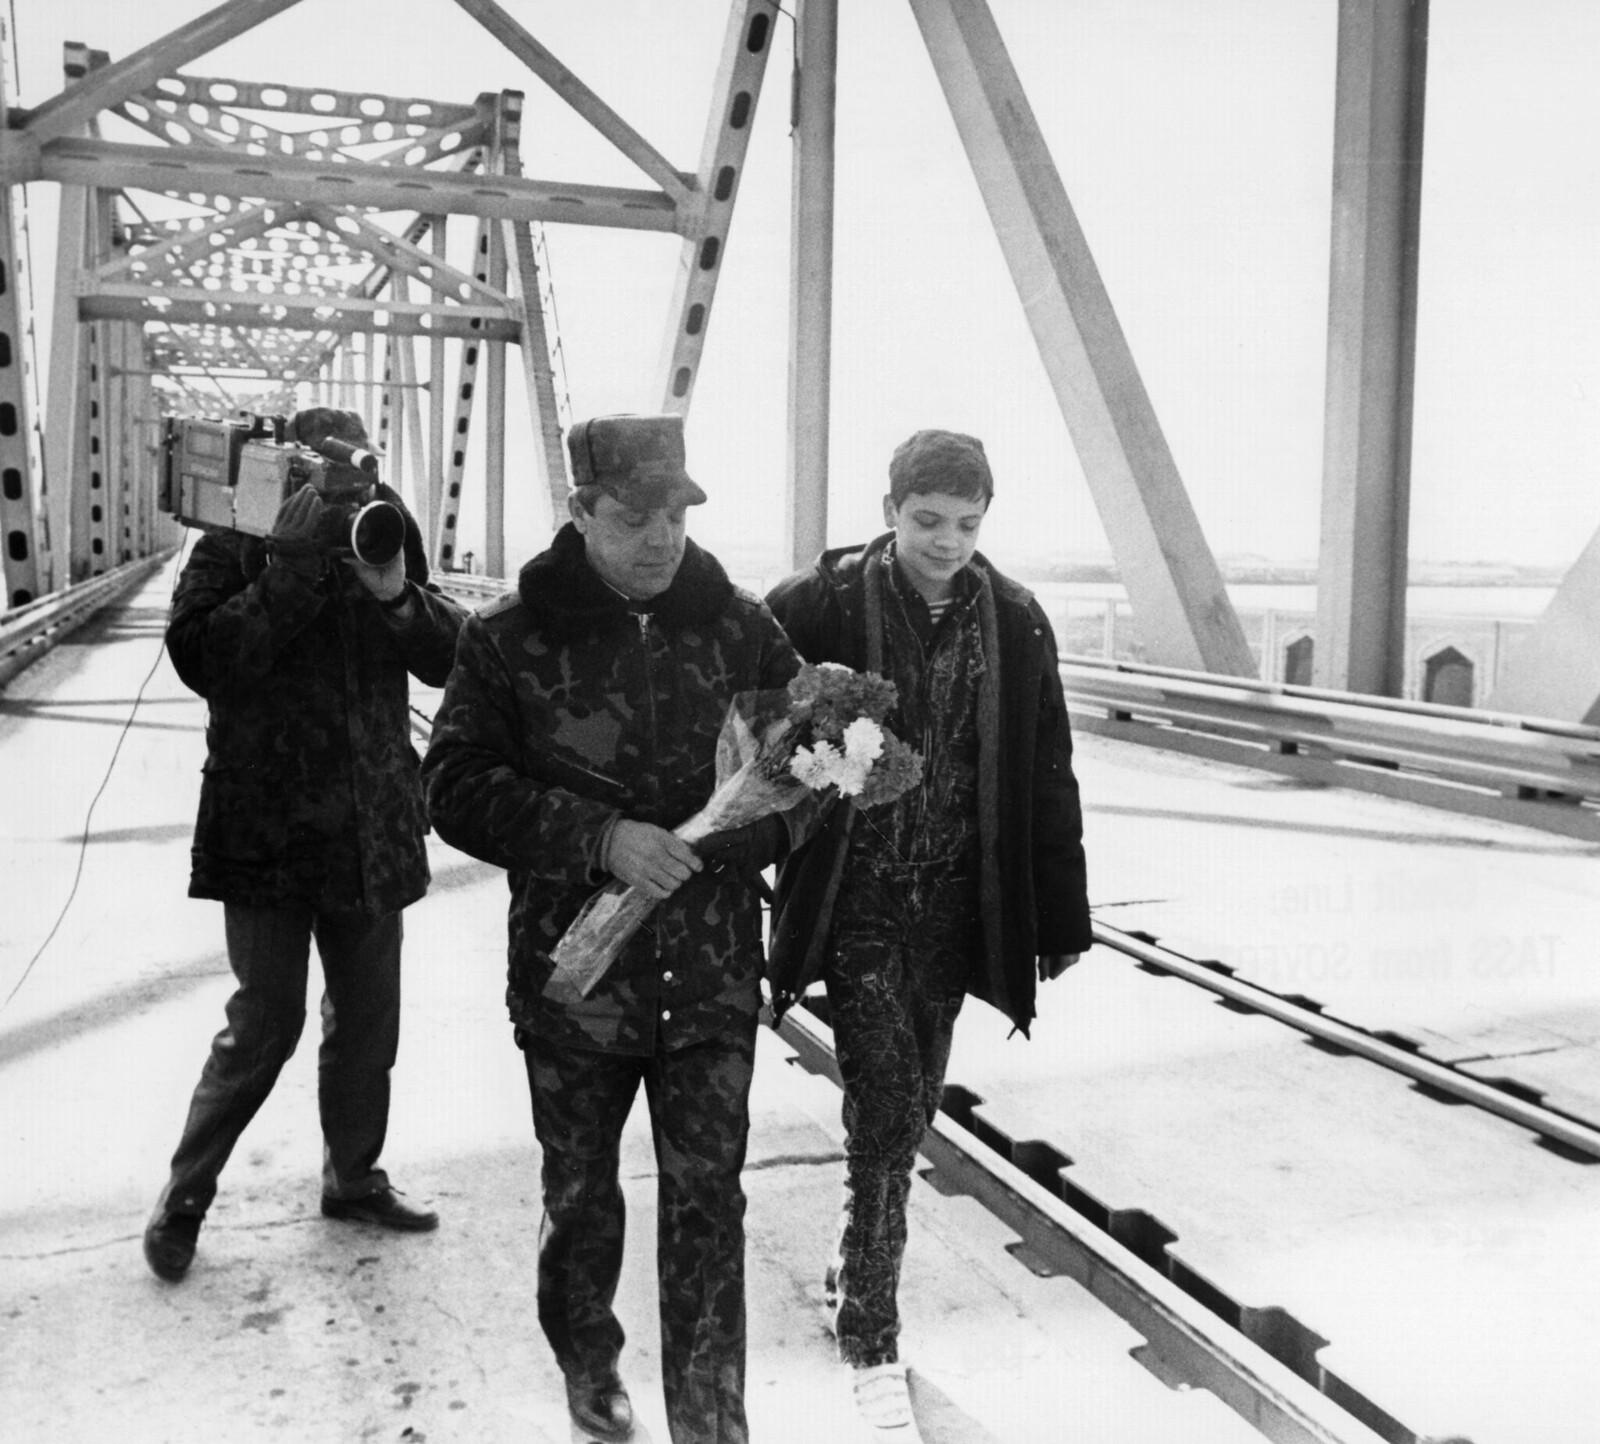 Последний солдат покидает Афганистан. Борис Всеволодович Громов последним пересек советско-афганскую границу через 960-метровый мост через реку Амударья в районе города Термез, Узбекистан, 15 февраля 1989. Громова встречает его сын, Максим